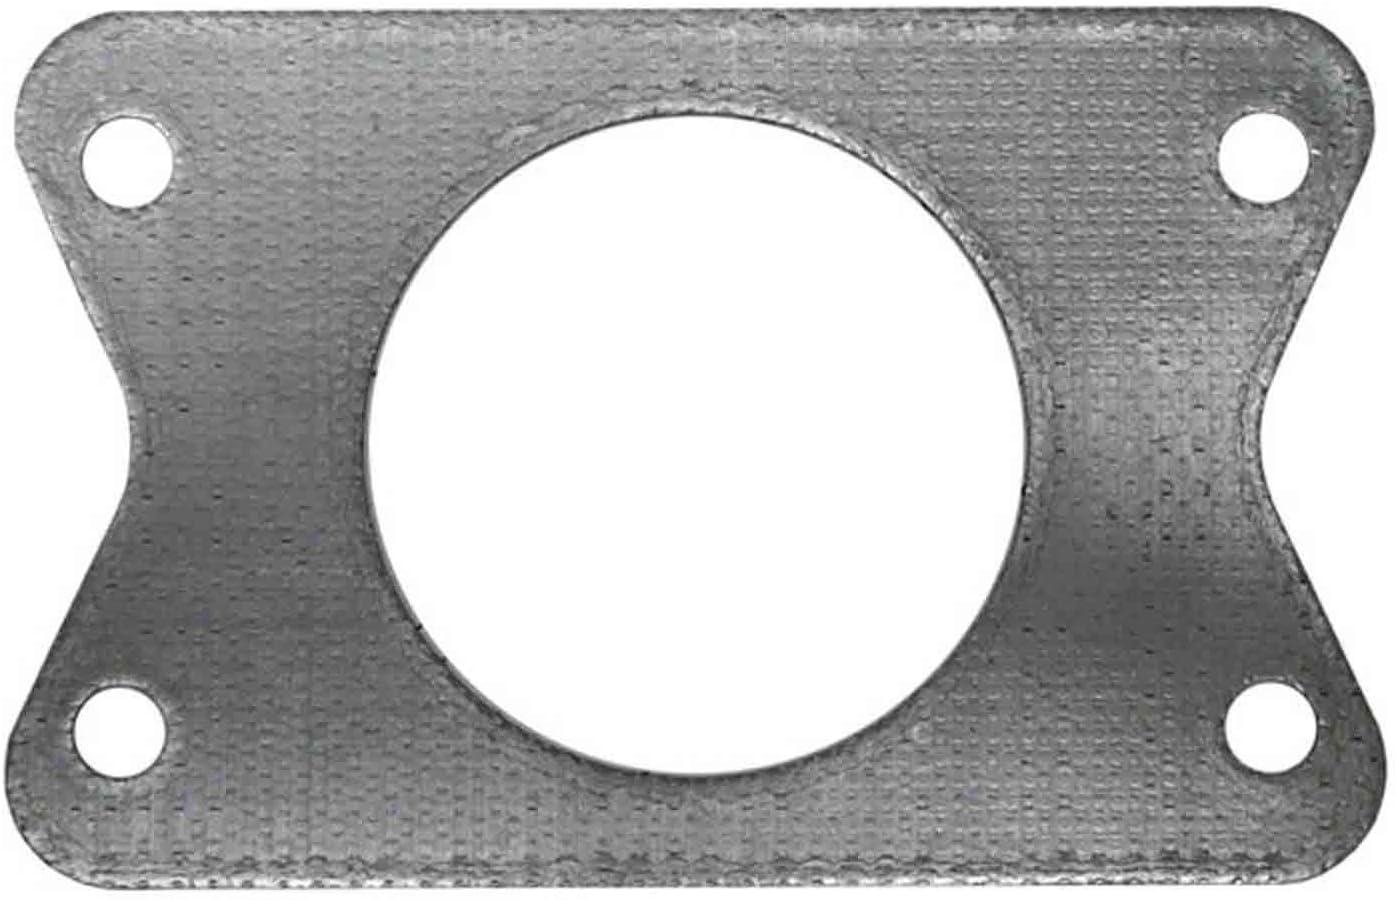 New Mercury Mercruiser Quicksilver Oem Part # 27-33395A 2 Gasket Set